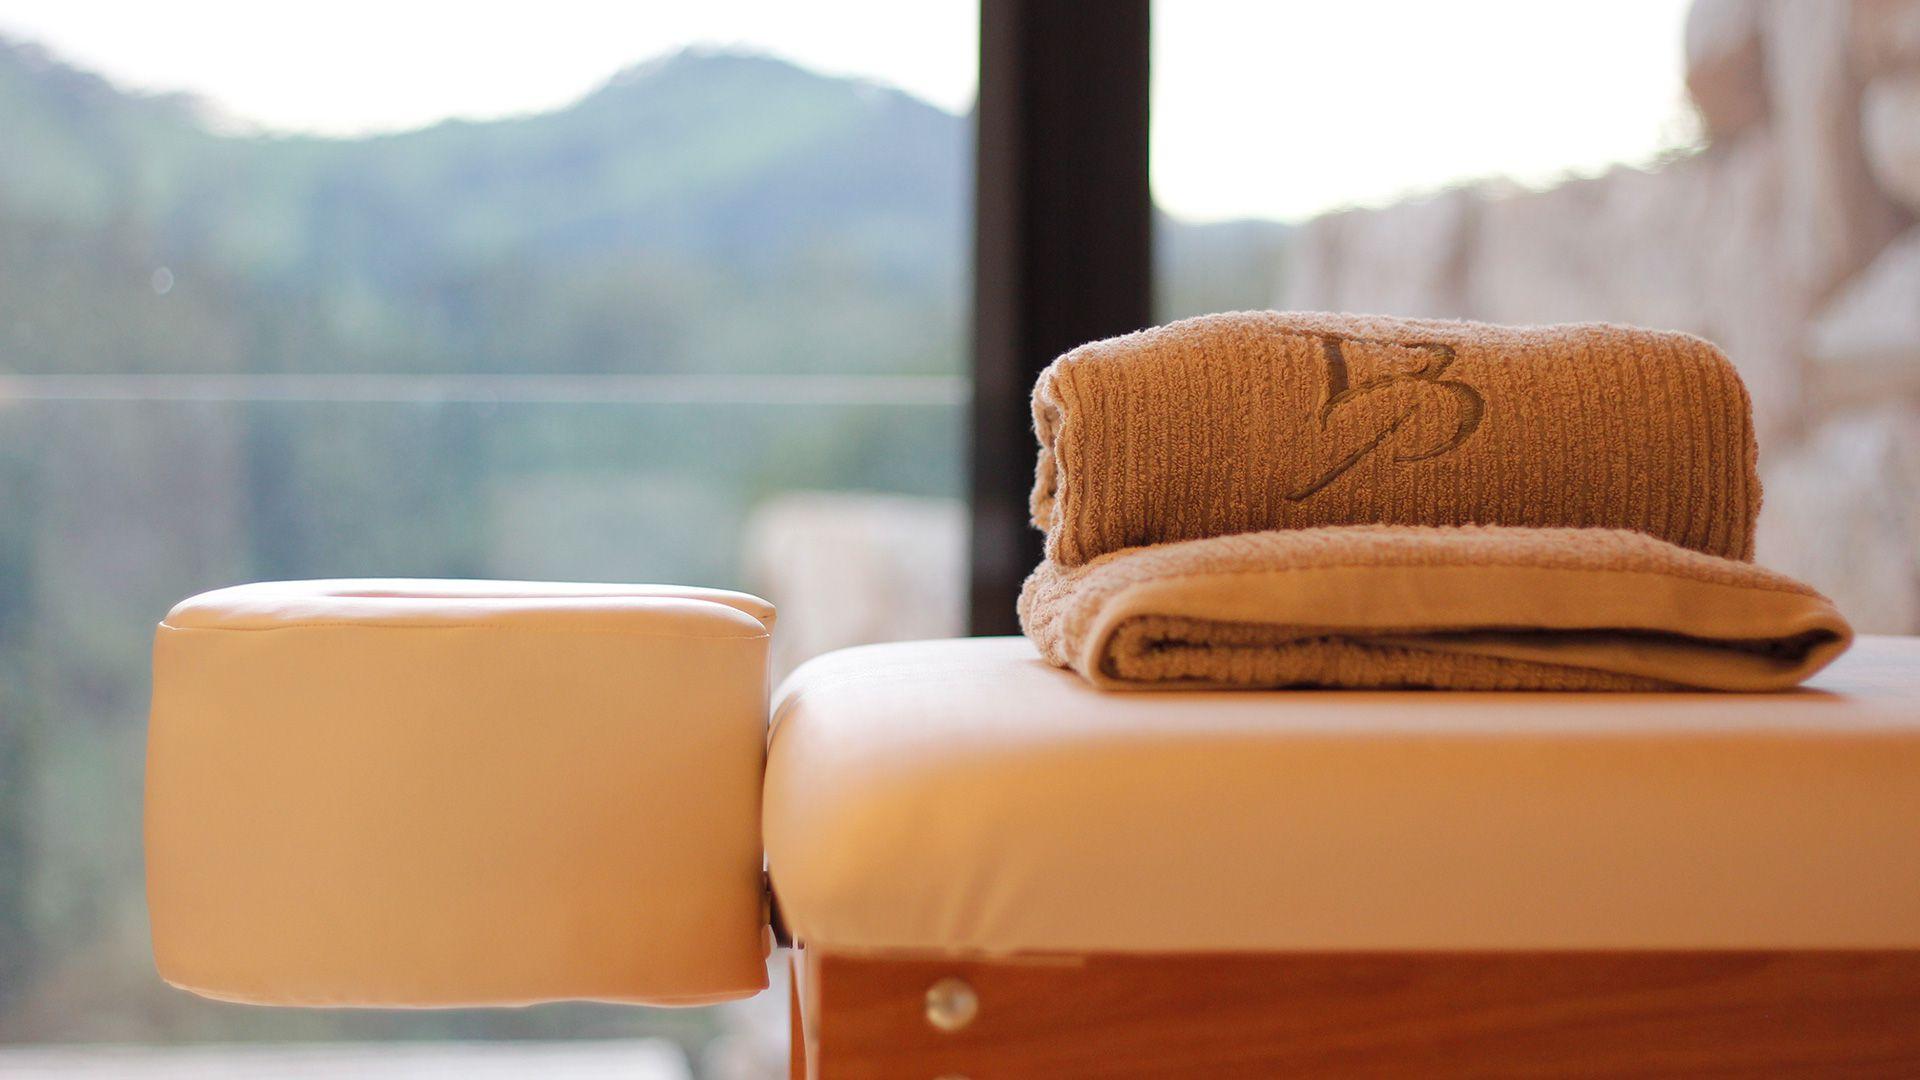 2-spa-hotel-botanique-foto-detalhe-maca-tratamento